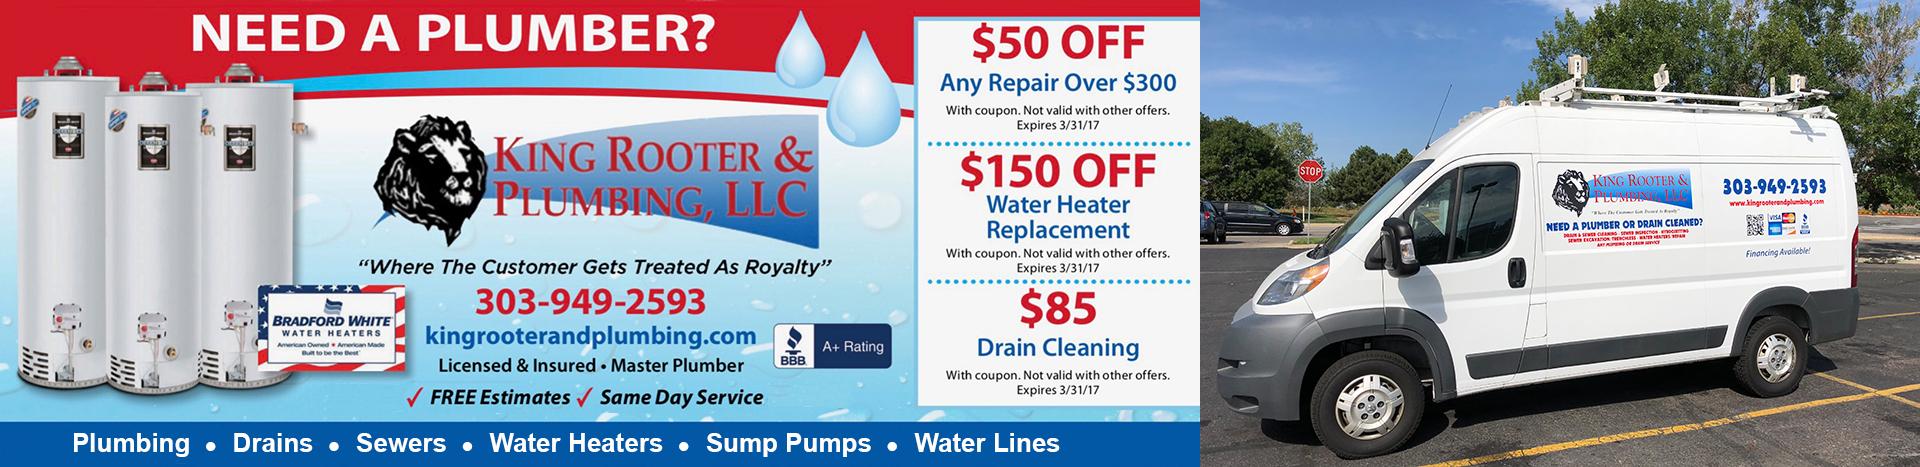 header-plumbing-services